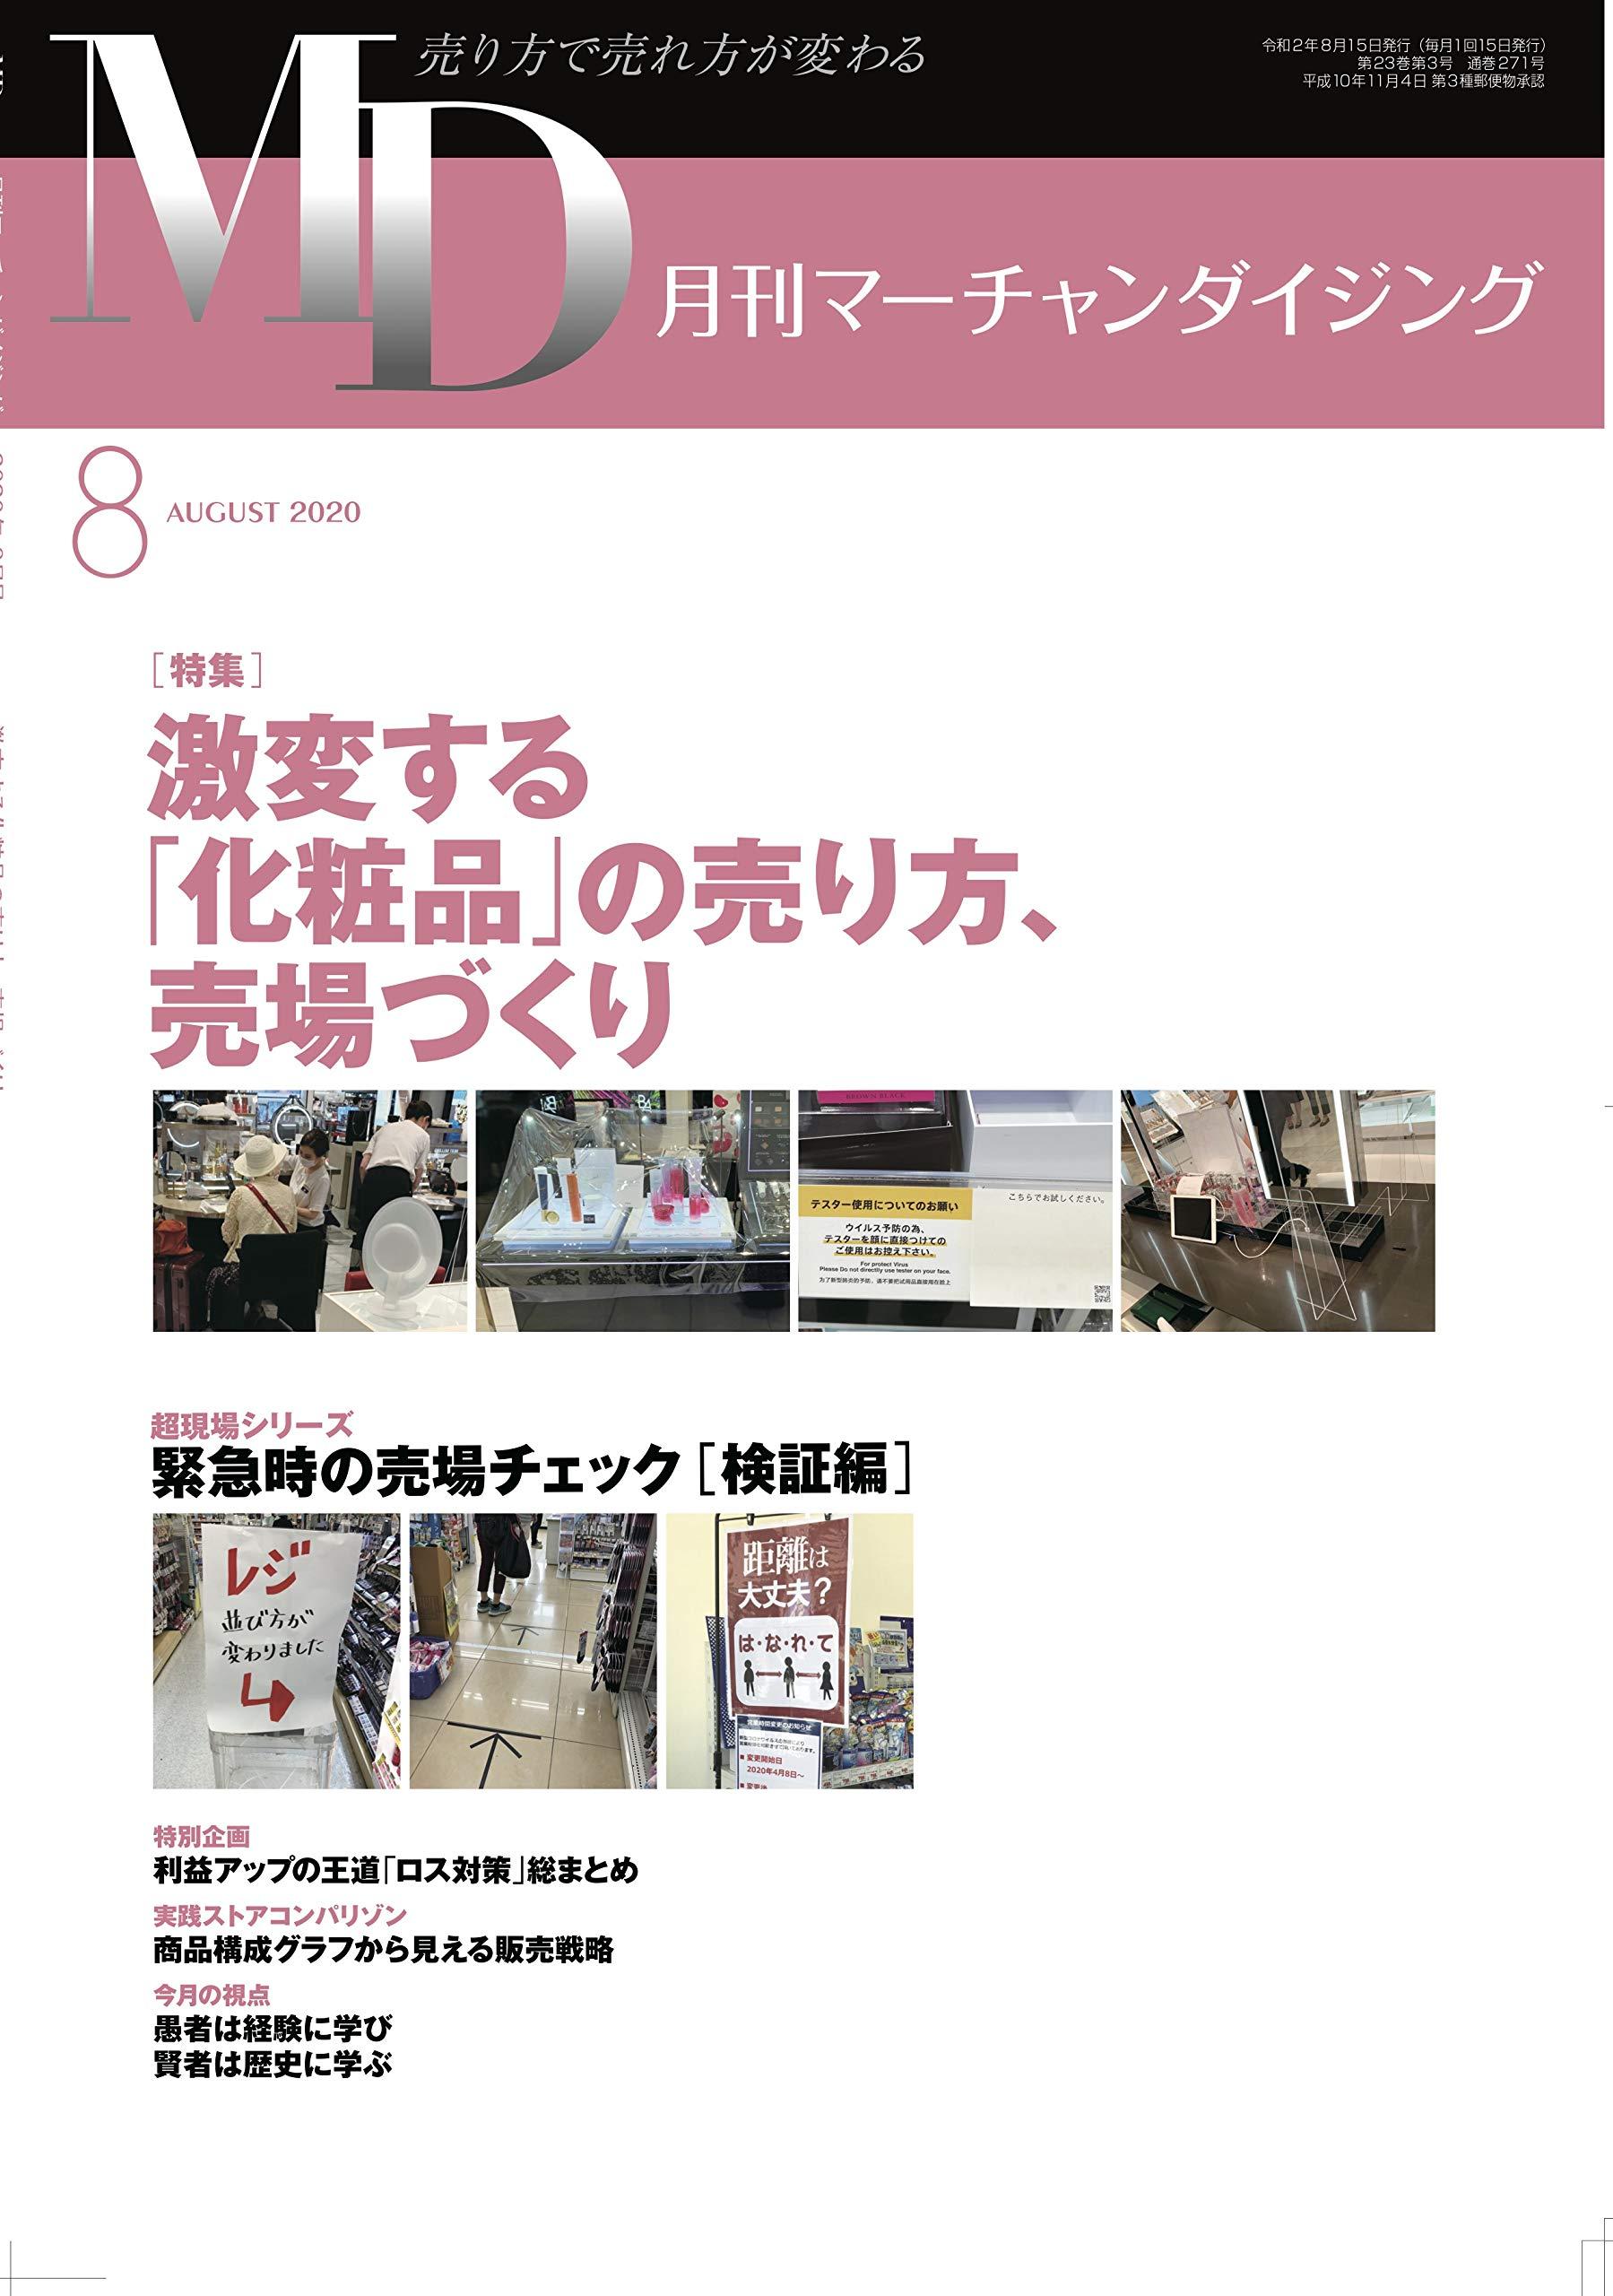 gekkamdnisennijunenhachigo gekkanmahchandaijingu (Japanese Edition)